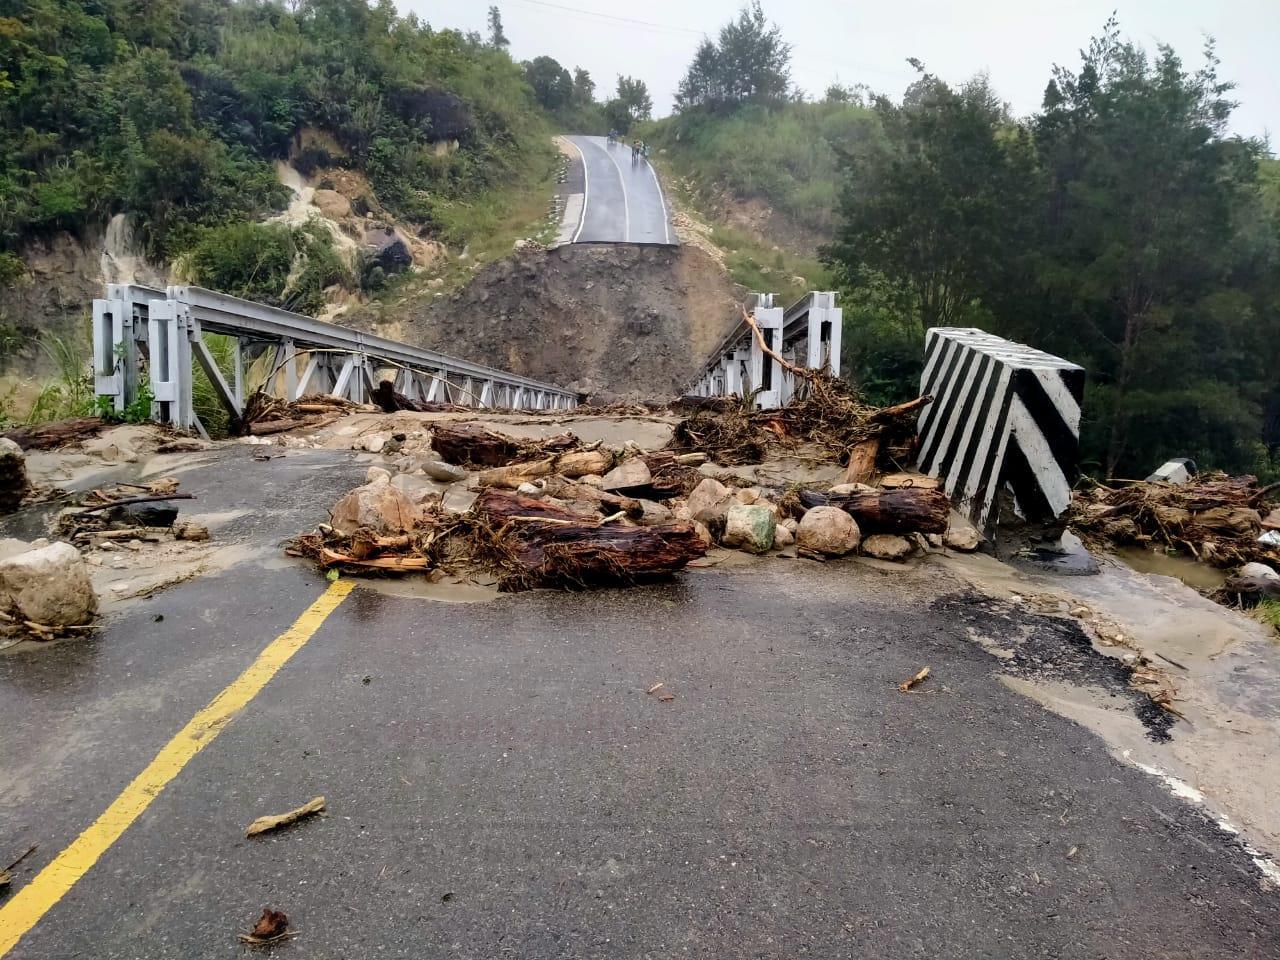 Pasca Banjir Bandang di Yalimo, PLN Lakukan Pemadaman Bergilir Selama Enam Hari Kedepan 15 IMG 20210223 WA0076